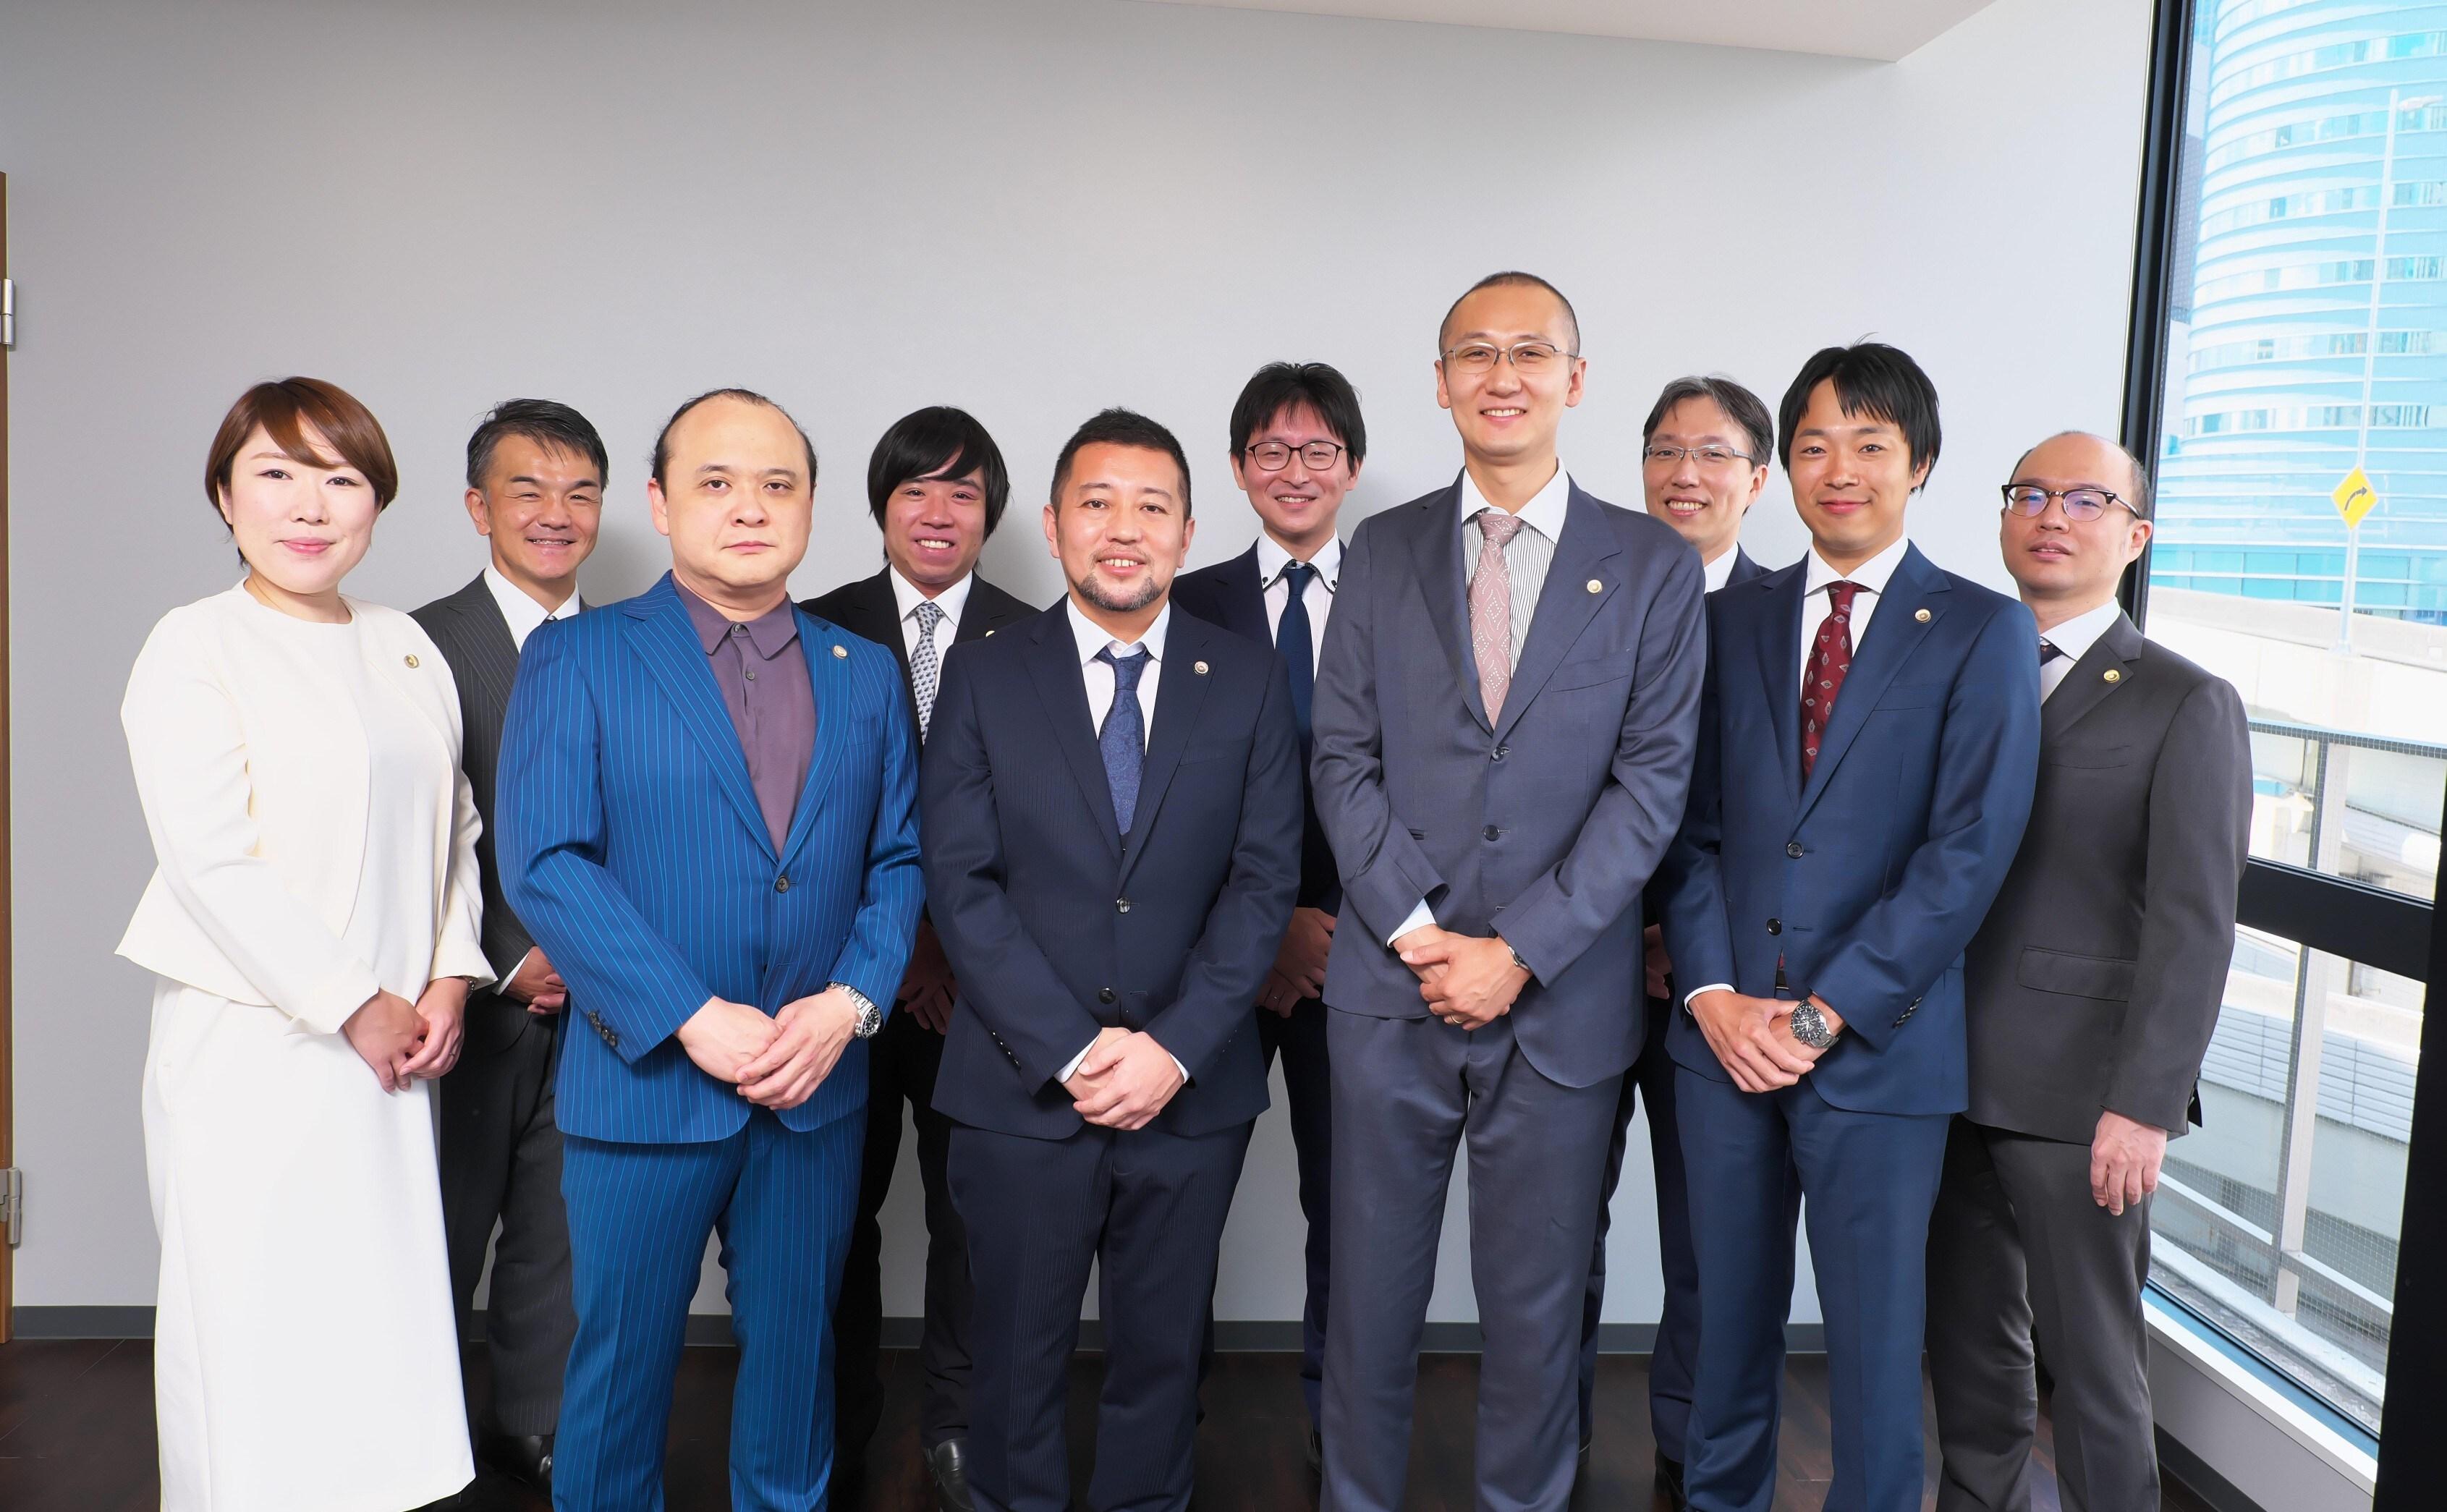 弁護士法人若井綜合法律事務所新橋オフィス